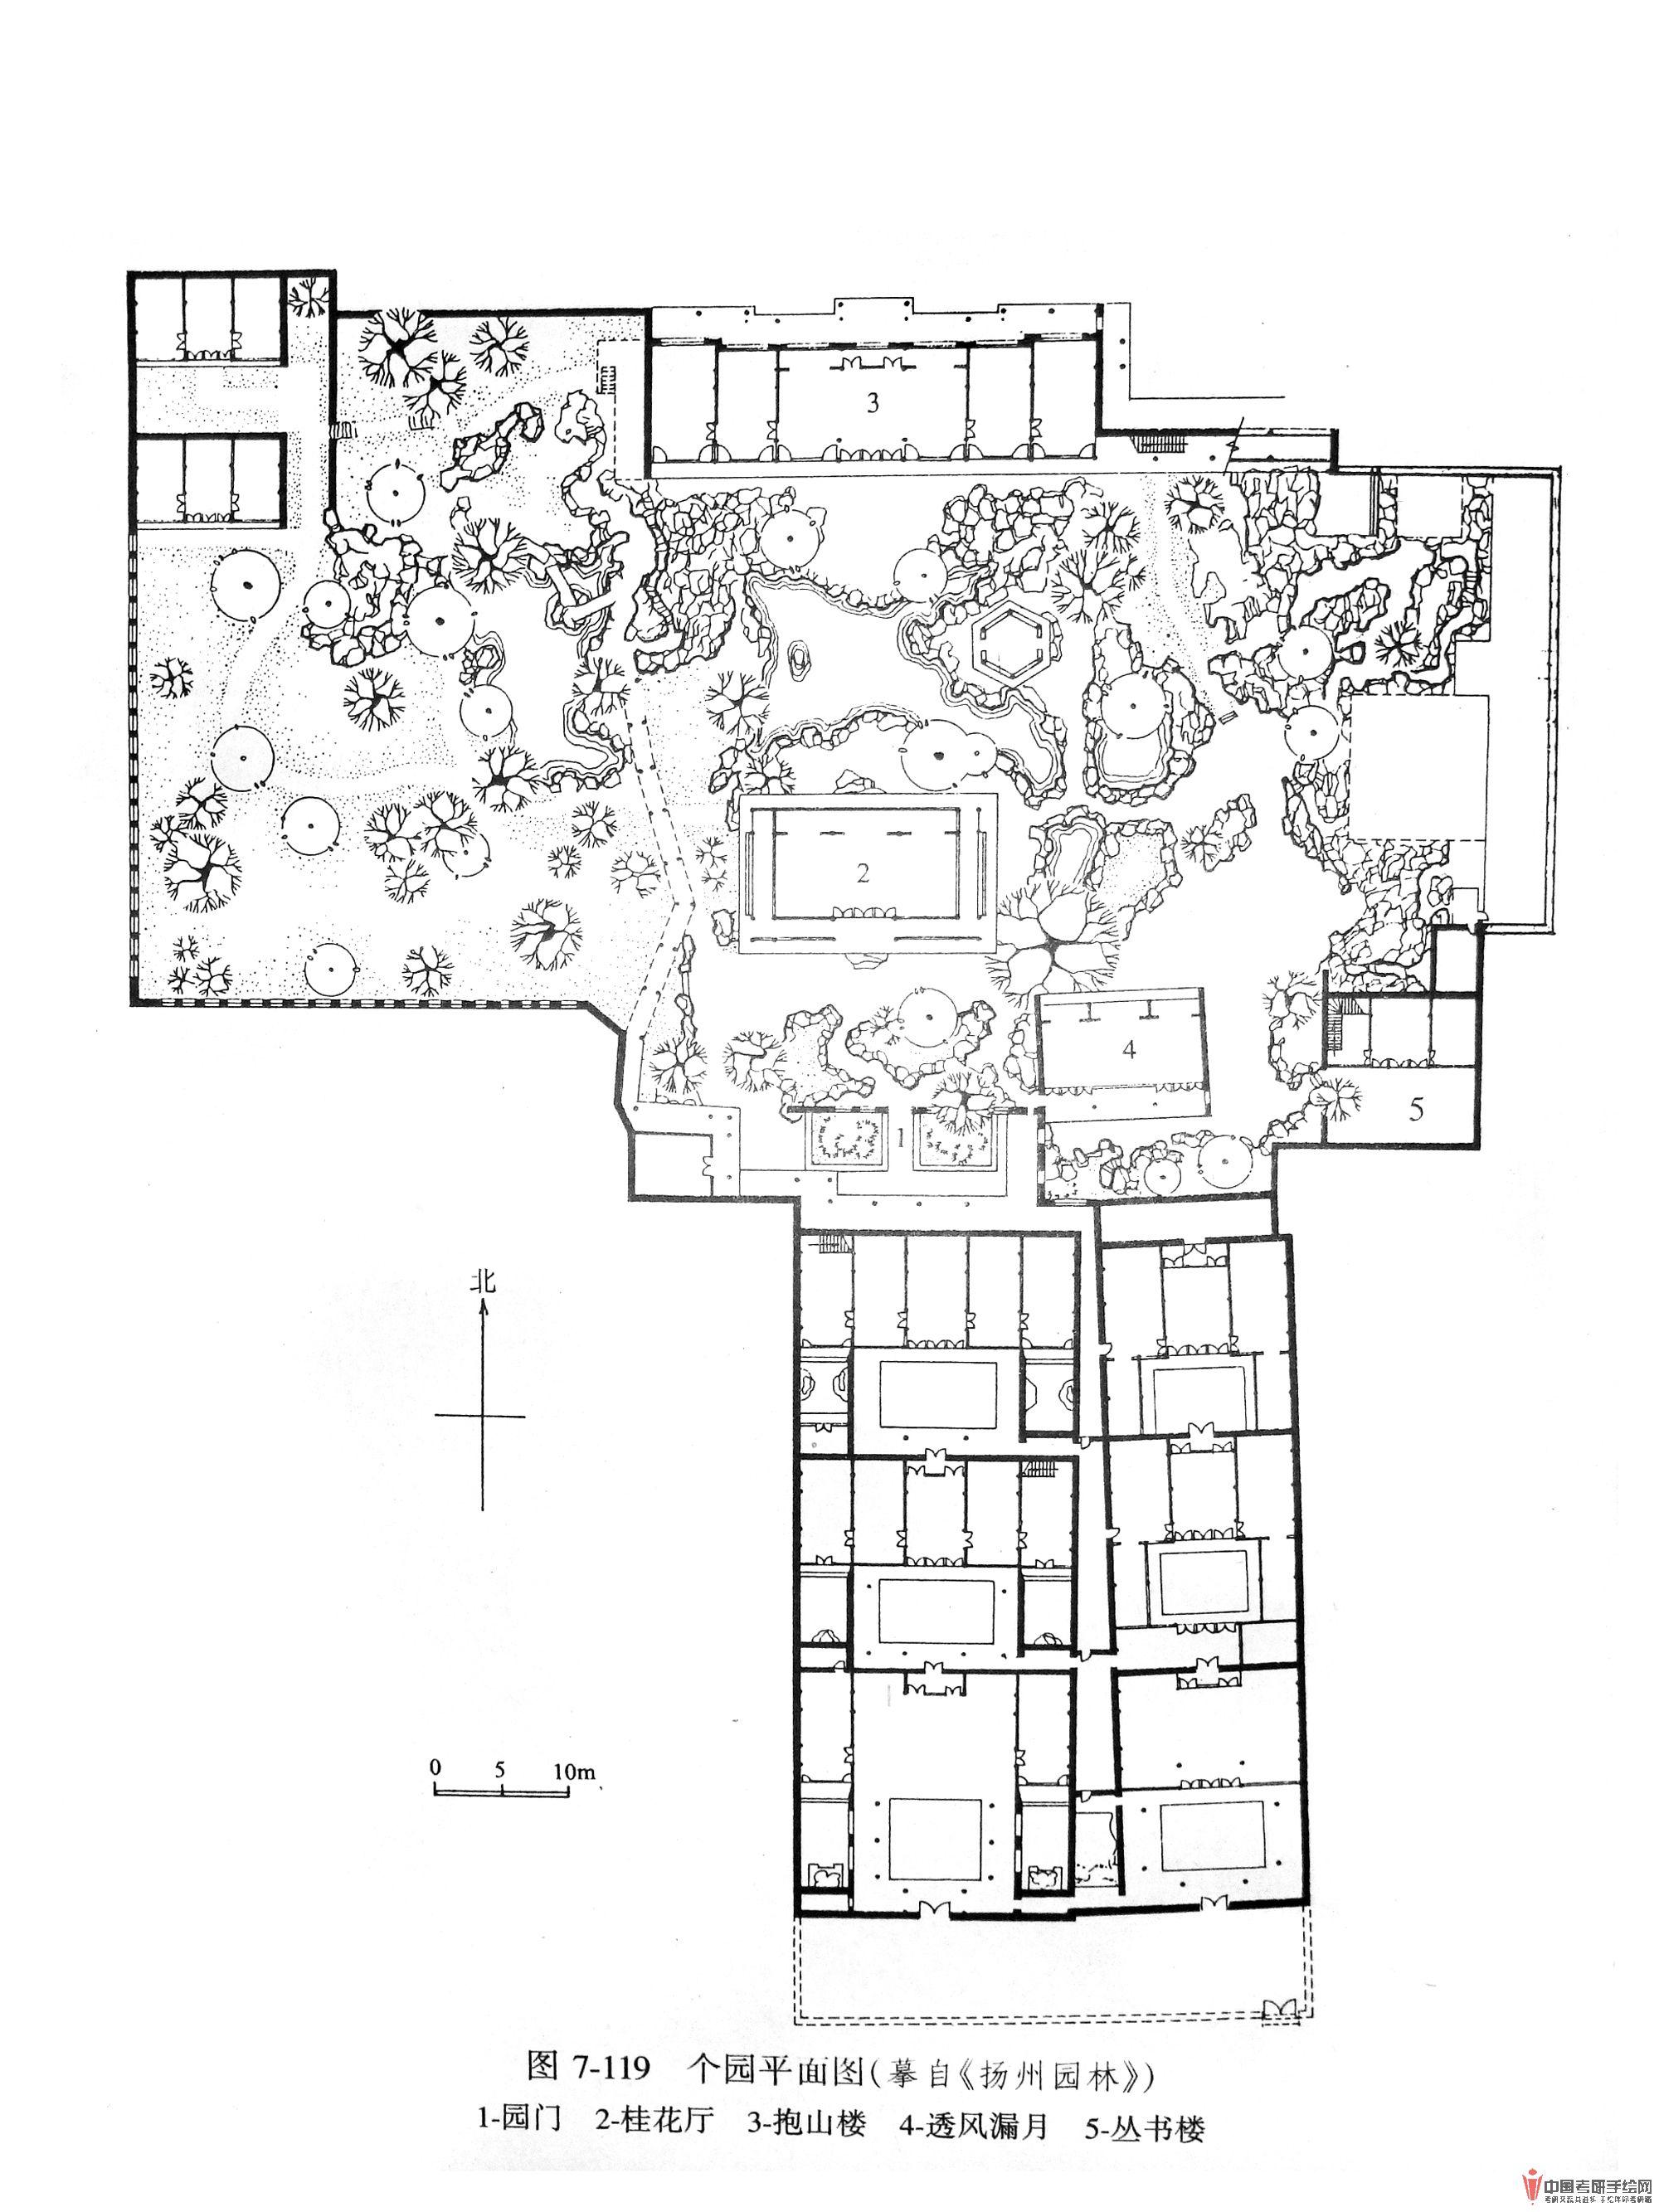 [风景园林] 苏州园林手绘平面图[含7p]